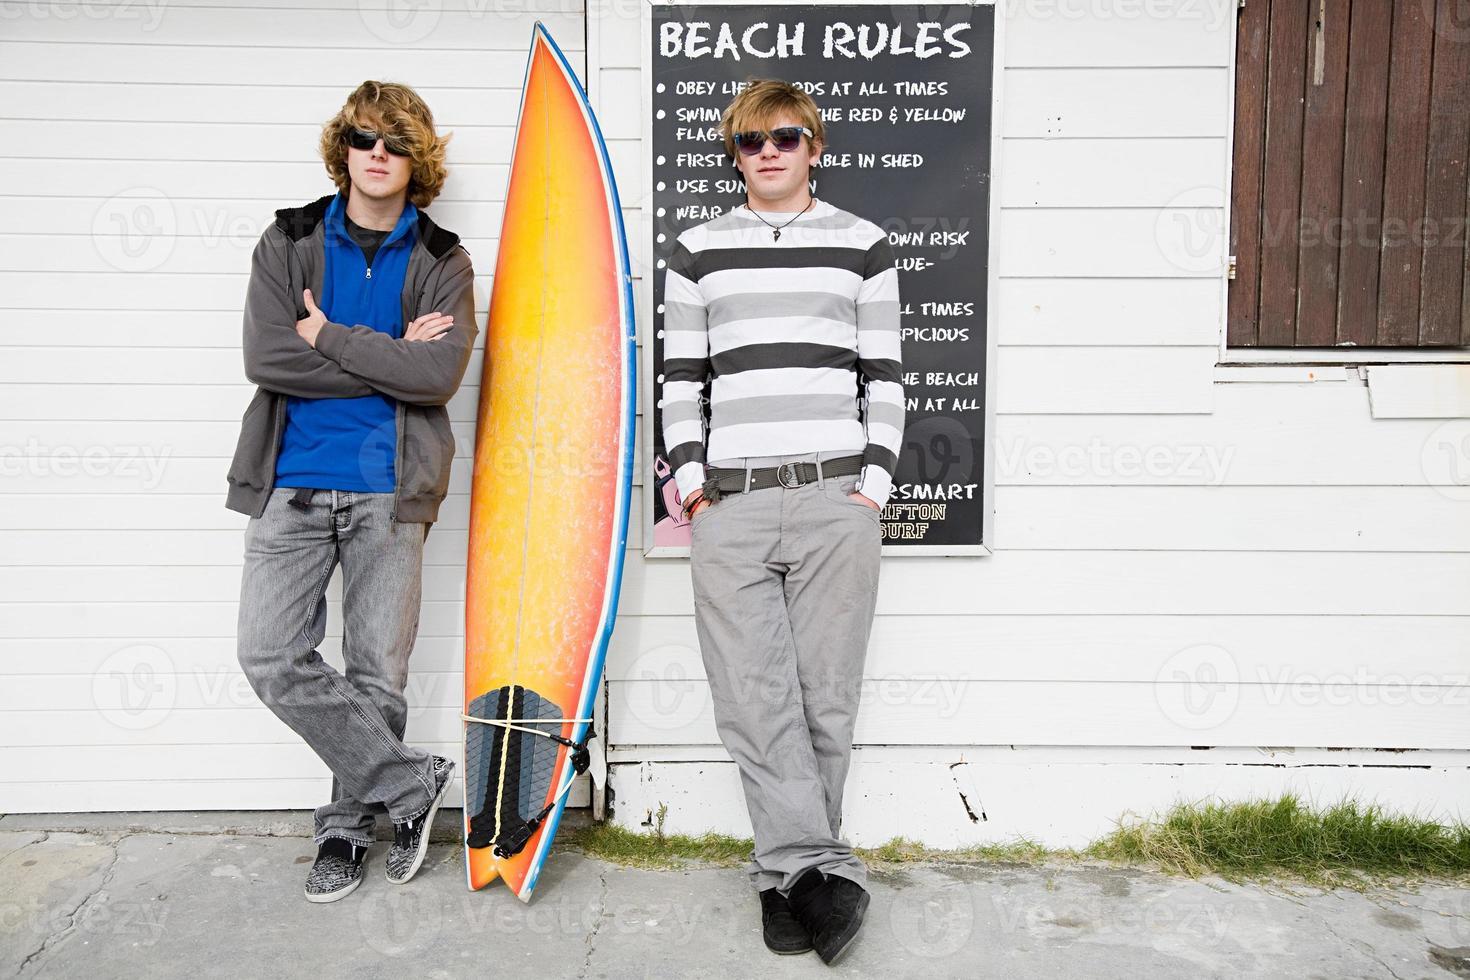 Teenage boys with surfboard photo